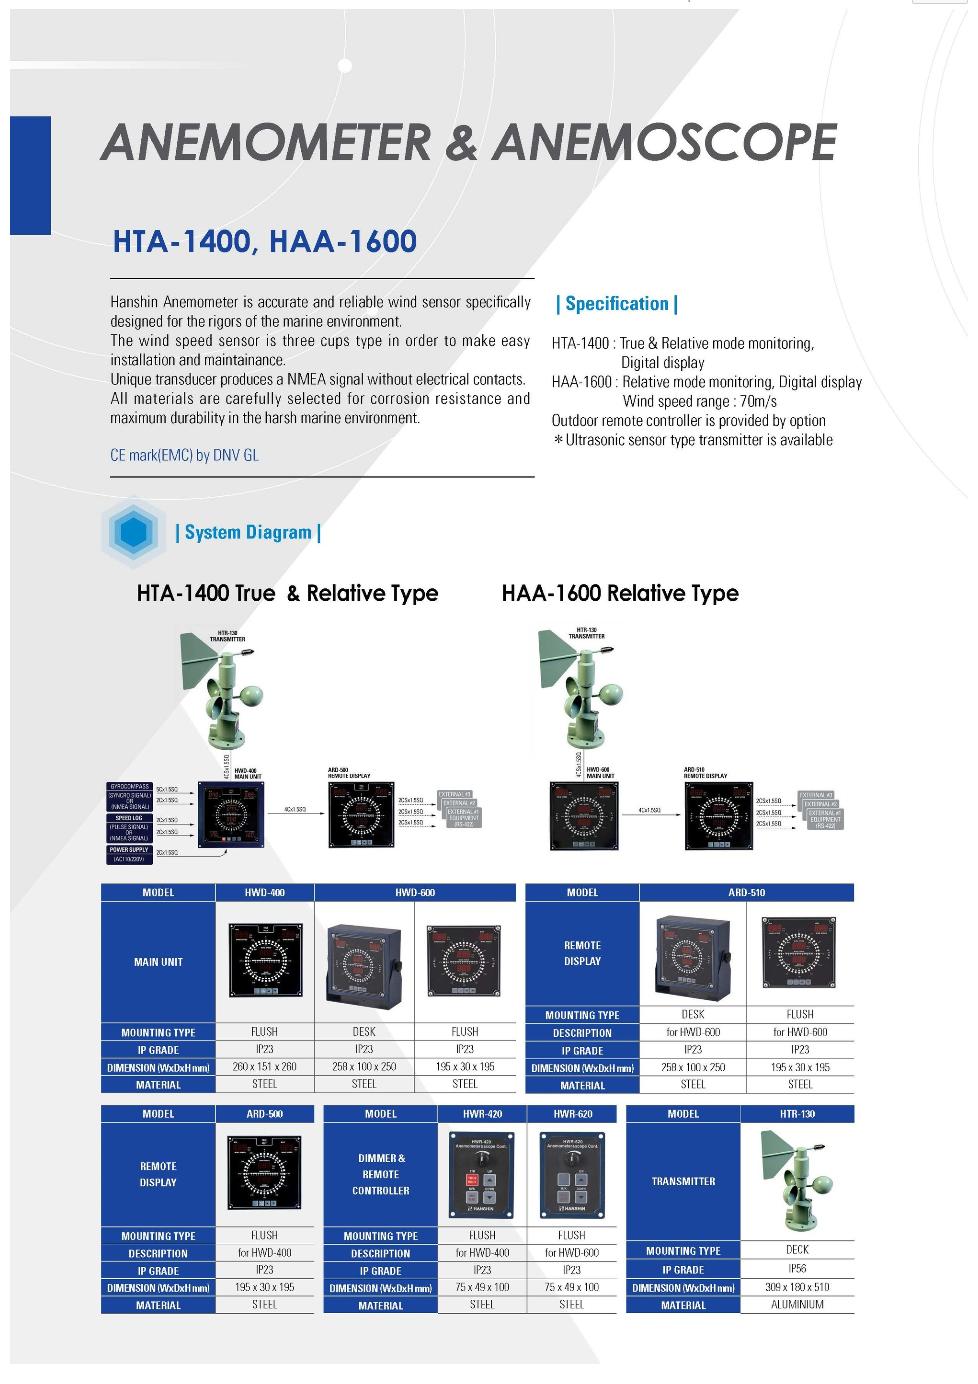 (주)한신전자 Anemometer & Anemoscope HTA-1400, HAA-1600 1